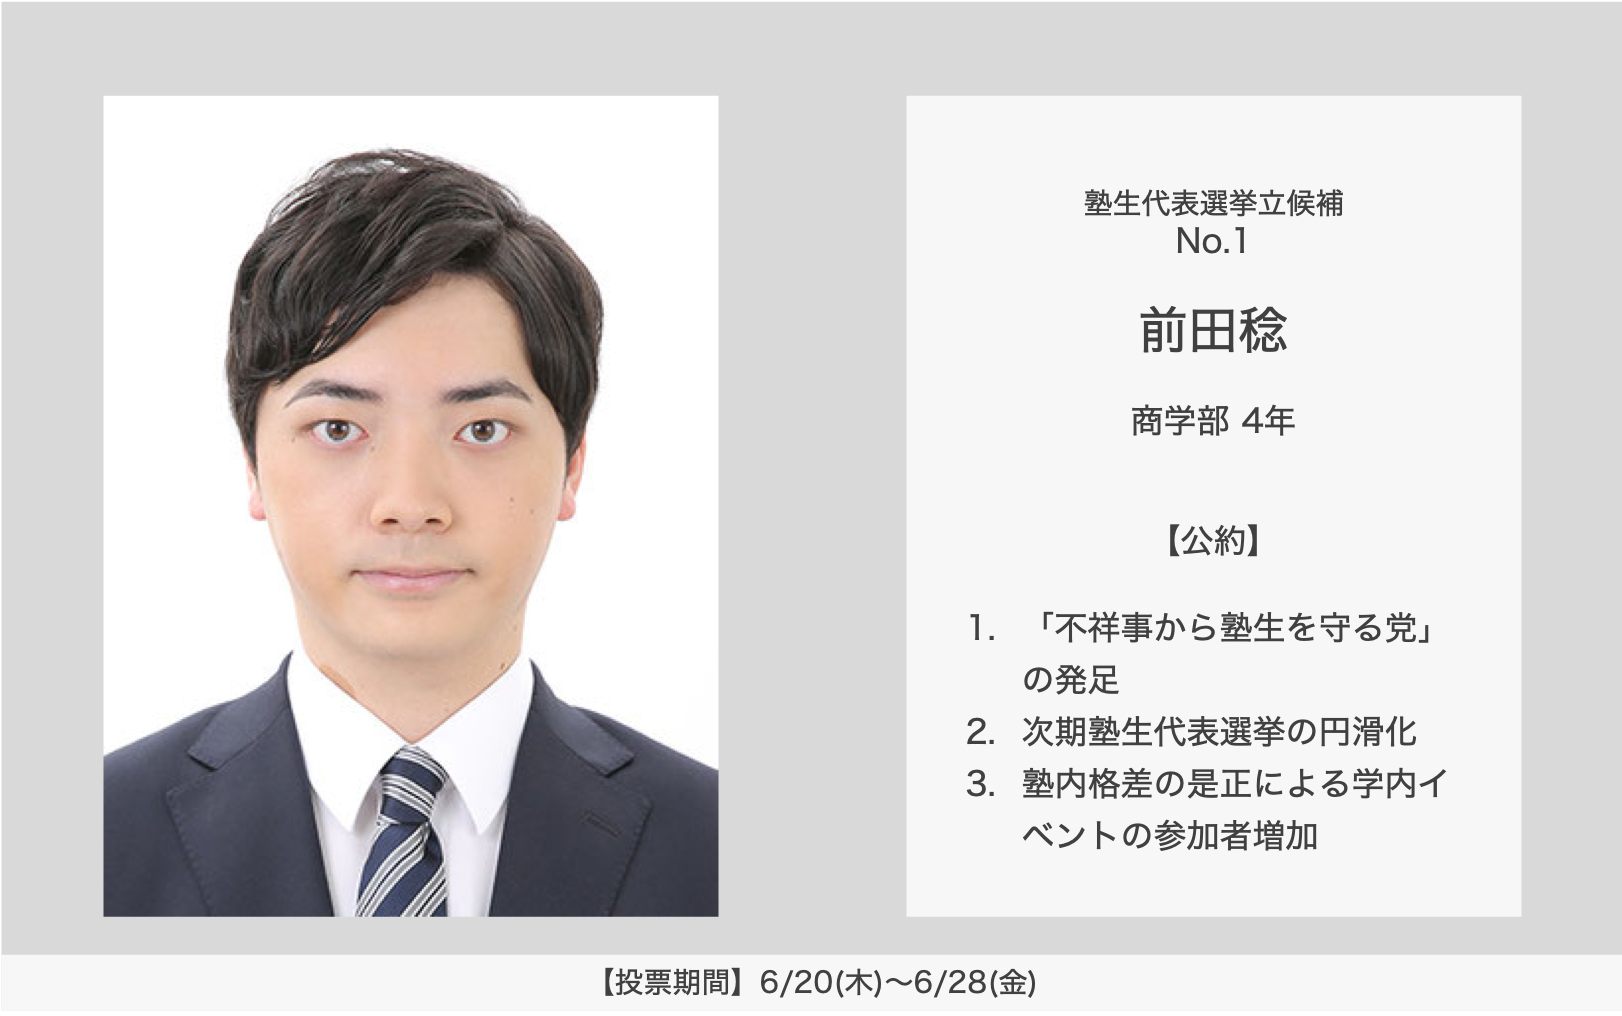 【塾生代表候補者インタビュー】No.1 前田 稔さん